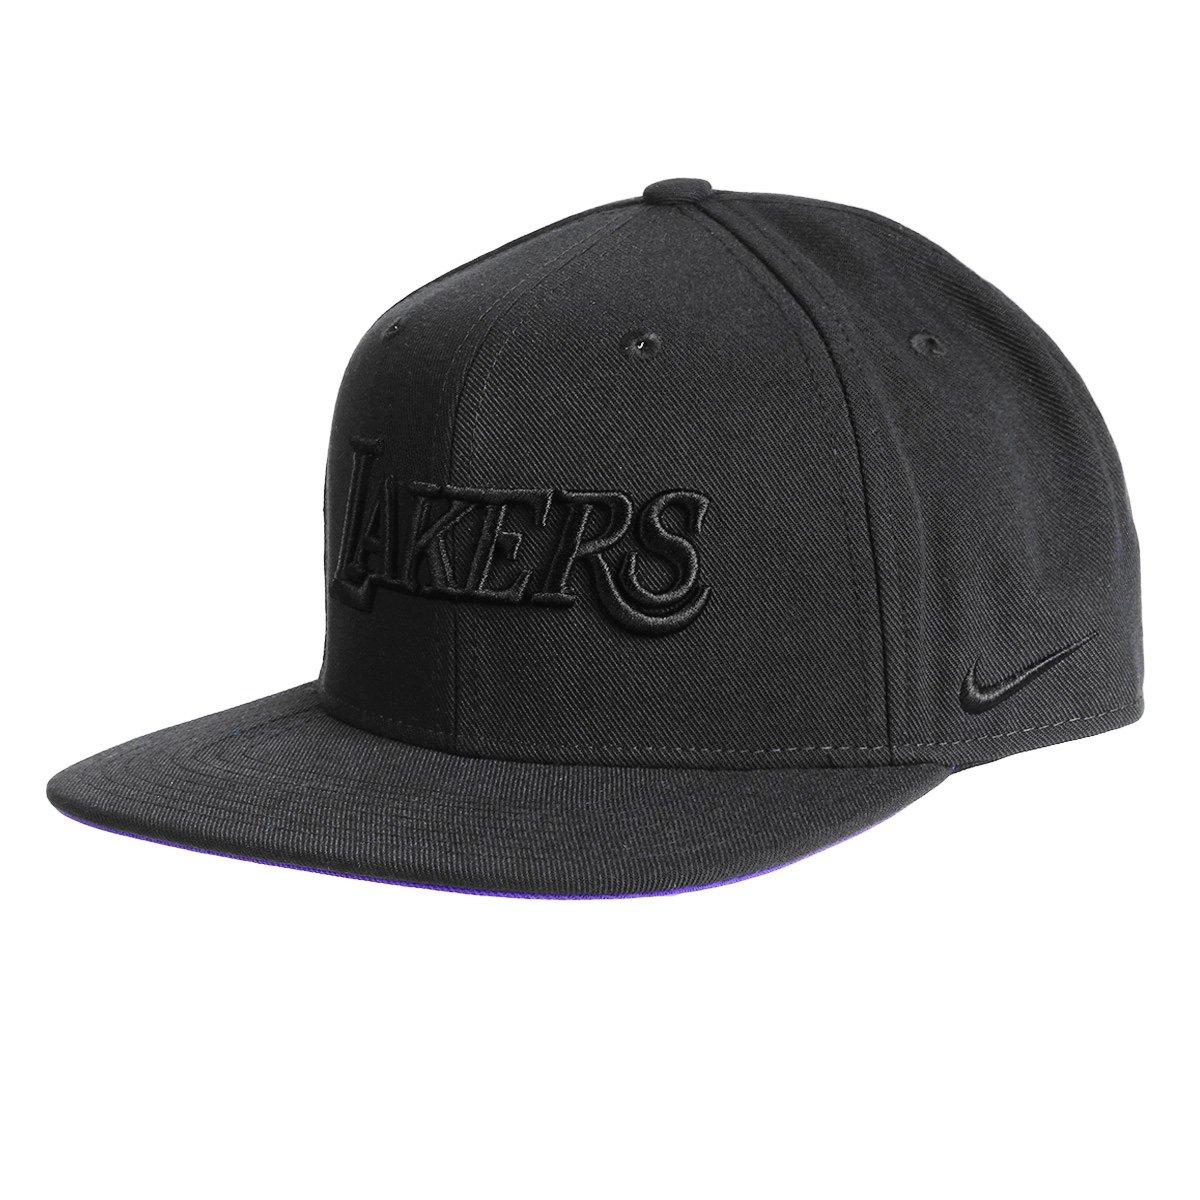 Boné NBA Los Angeles Lakers Nike Aba Reta Pro Cap - Preto - Compre Agora  dfe5ee45ef4